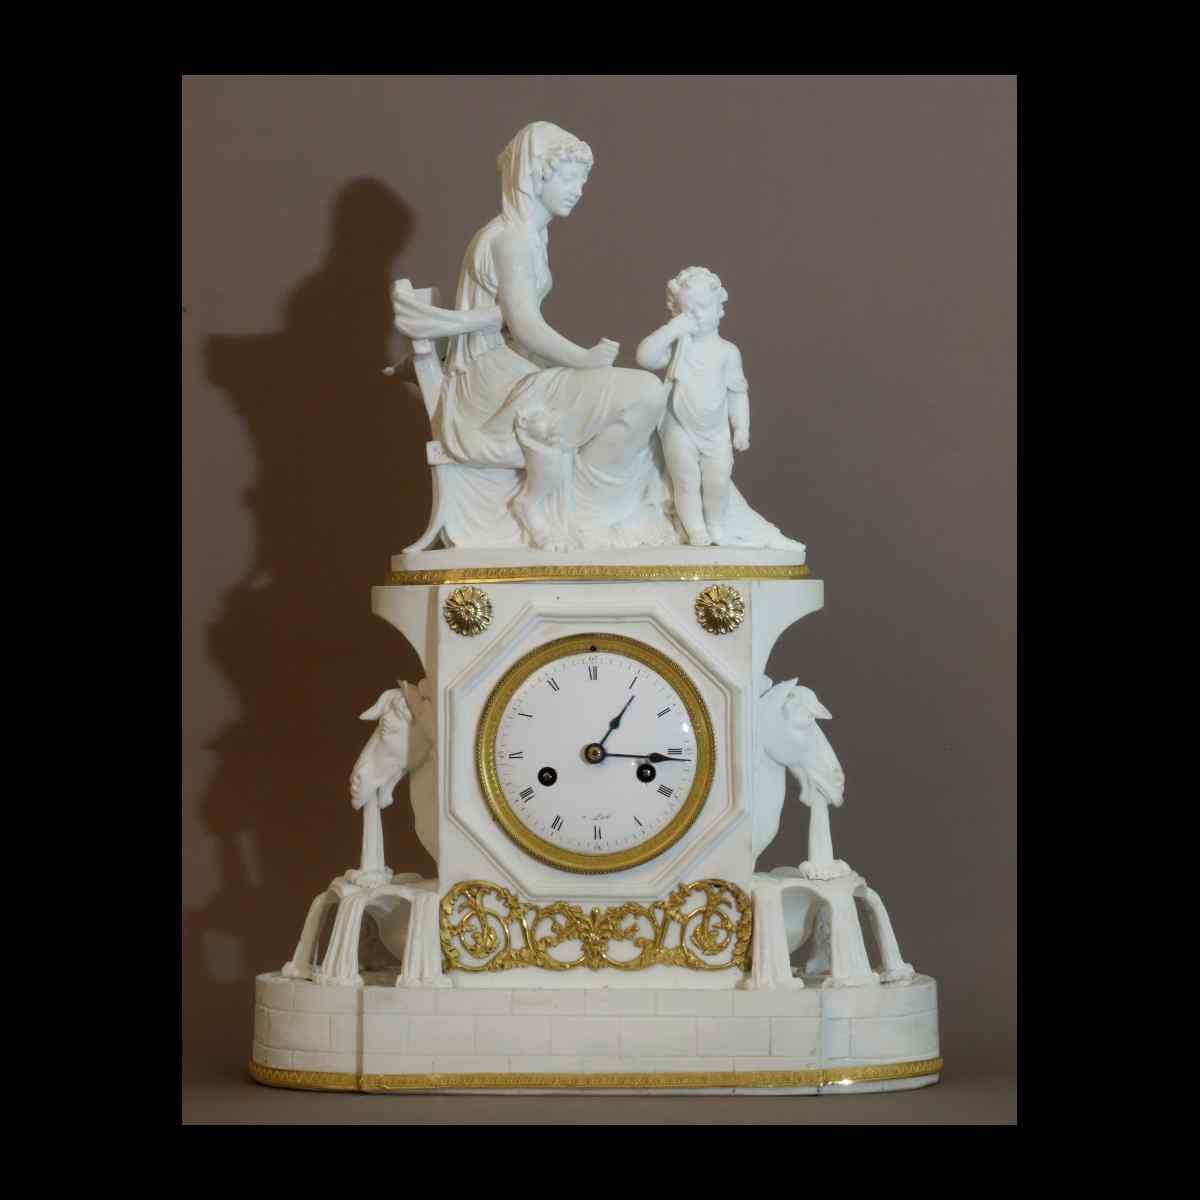 Orologio francese del XVIII secolo